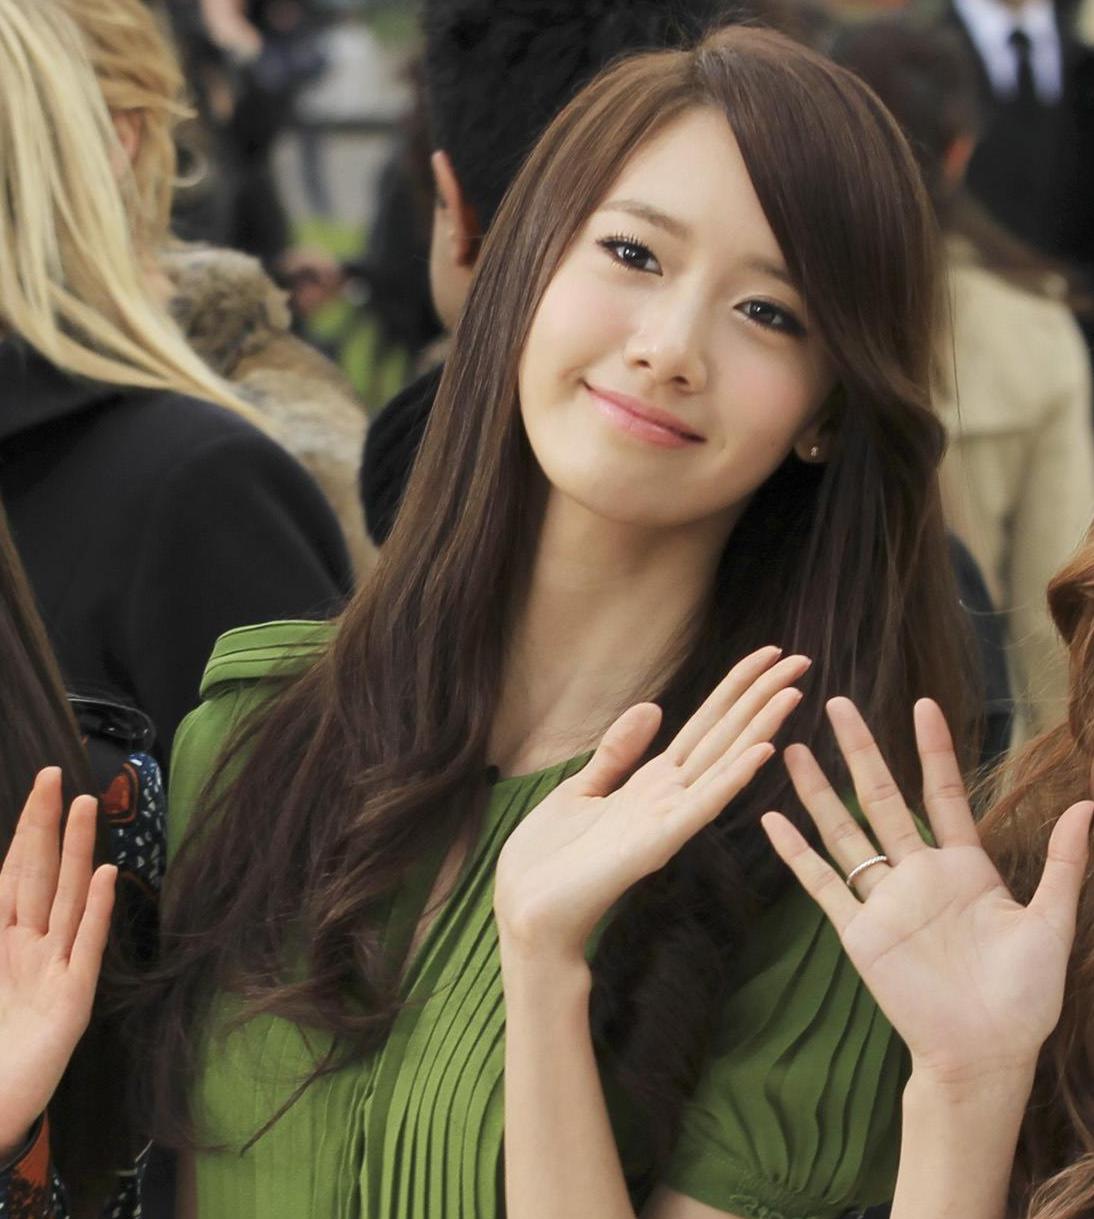 Yoona-Burberry-Prorsum-2012-FW-im-yoona-29231768-1094-1219